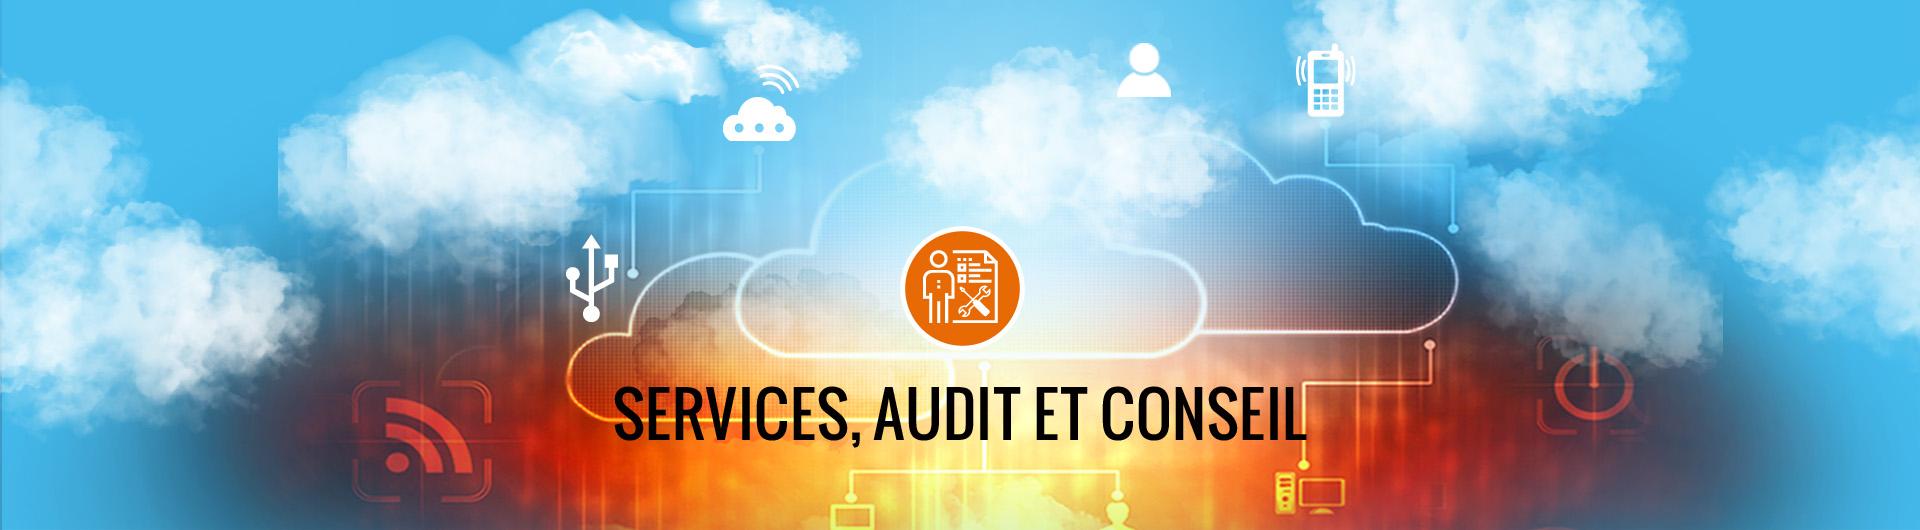 ACS'IT - Services, audits et conseils